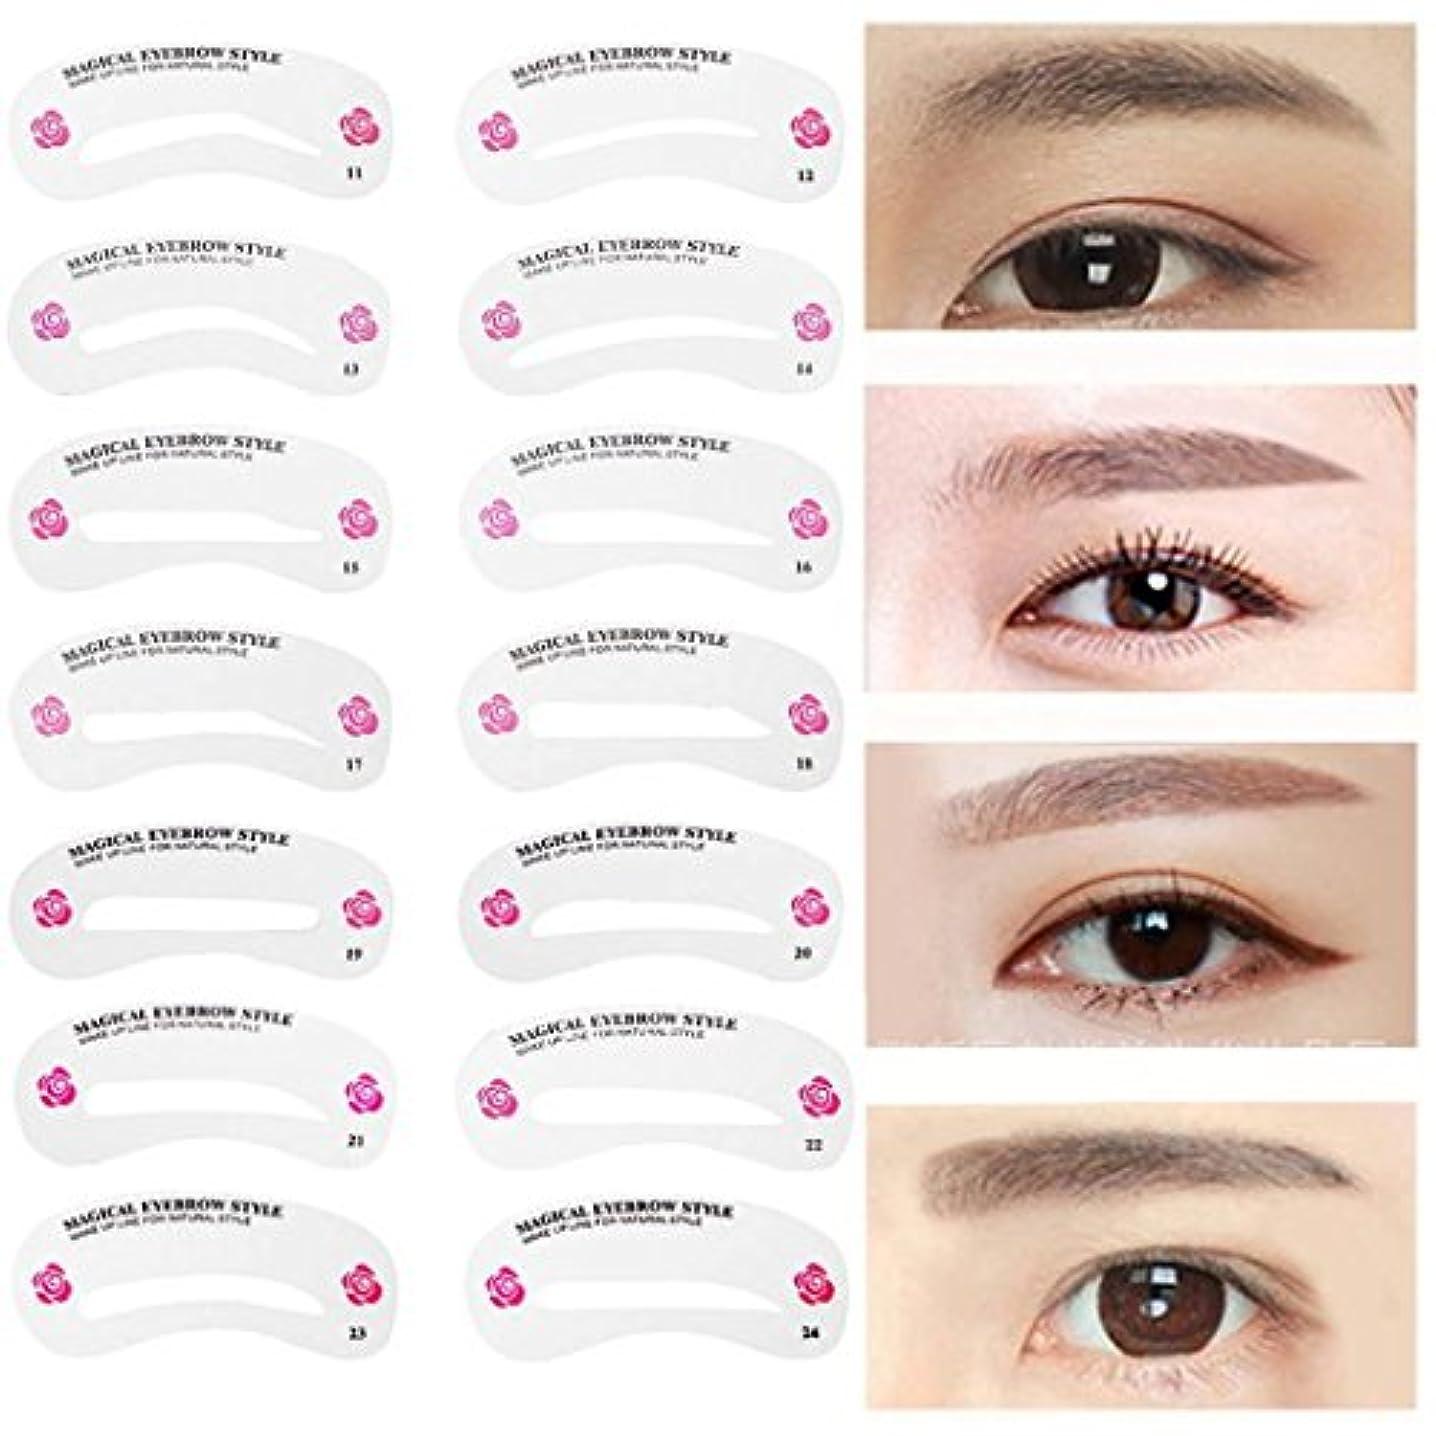 ヒロイック説得ジョージハンブリーMNoel 24種類 眉毛テンプレート24枚セット 太眉対応 24パターン 眉毛を気分で使い分け 眉用ステンシル